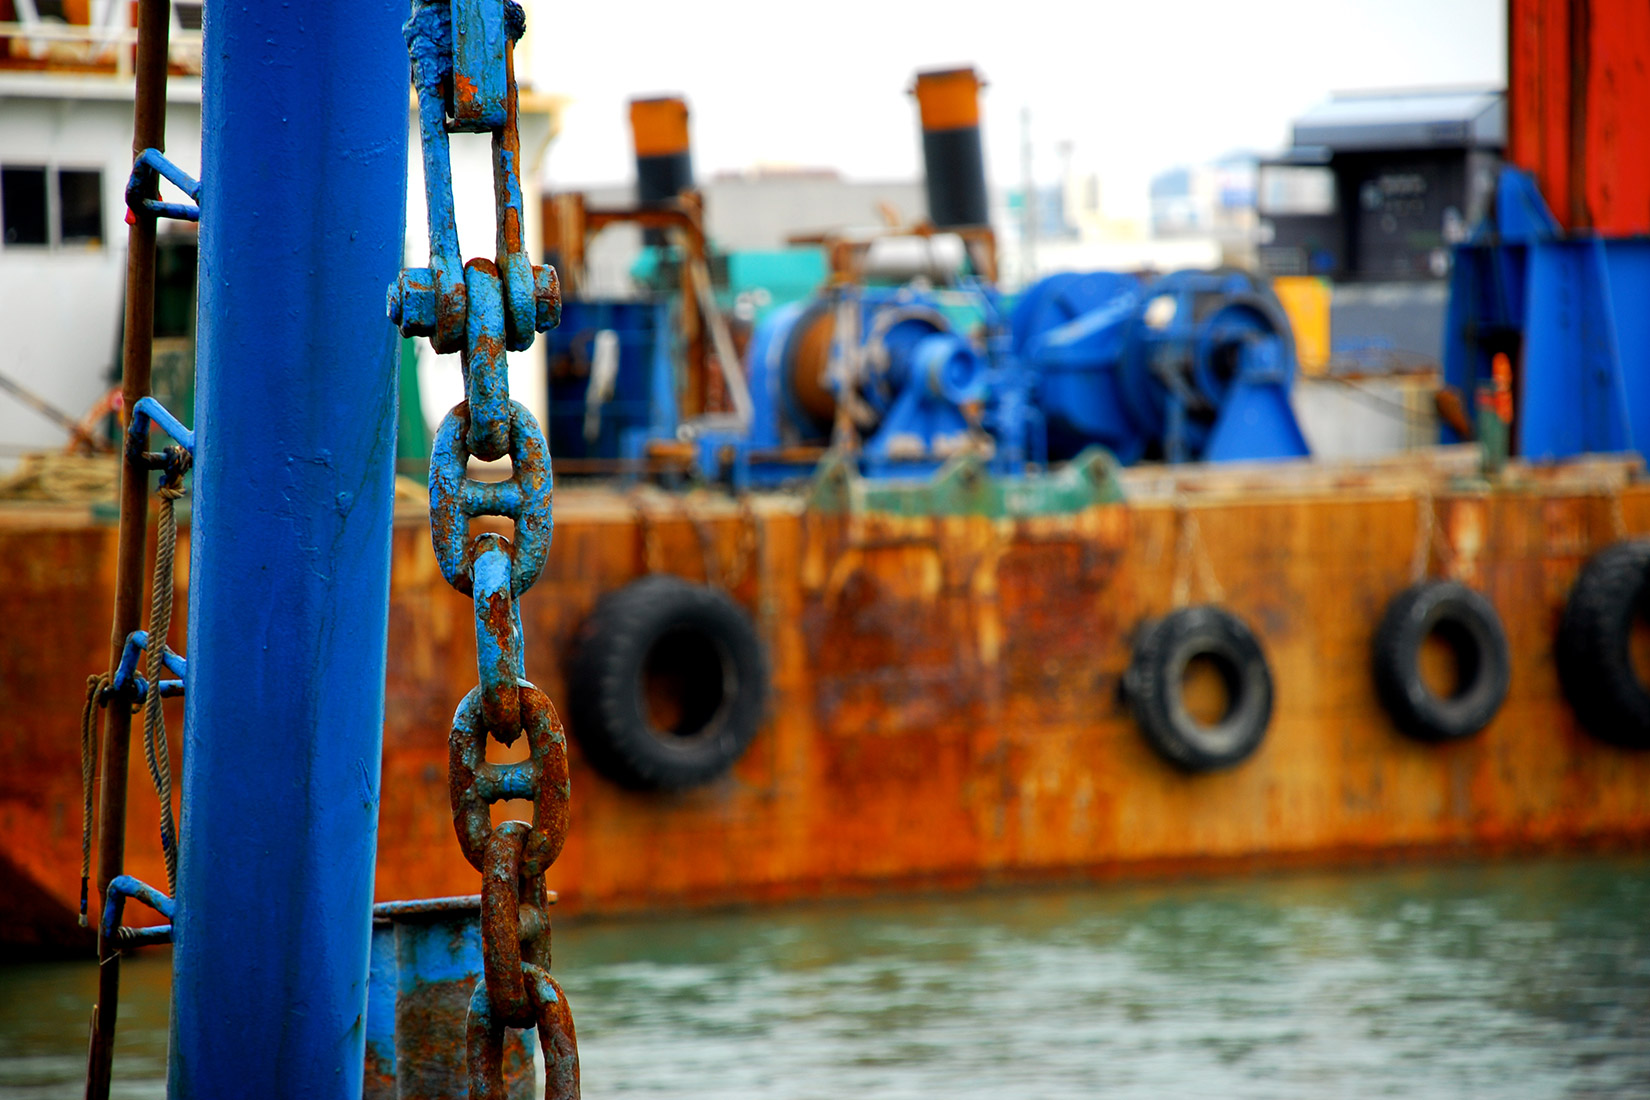 日本漁船を追跡する行為の法的評価と日本の対応